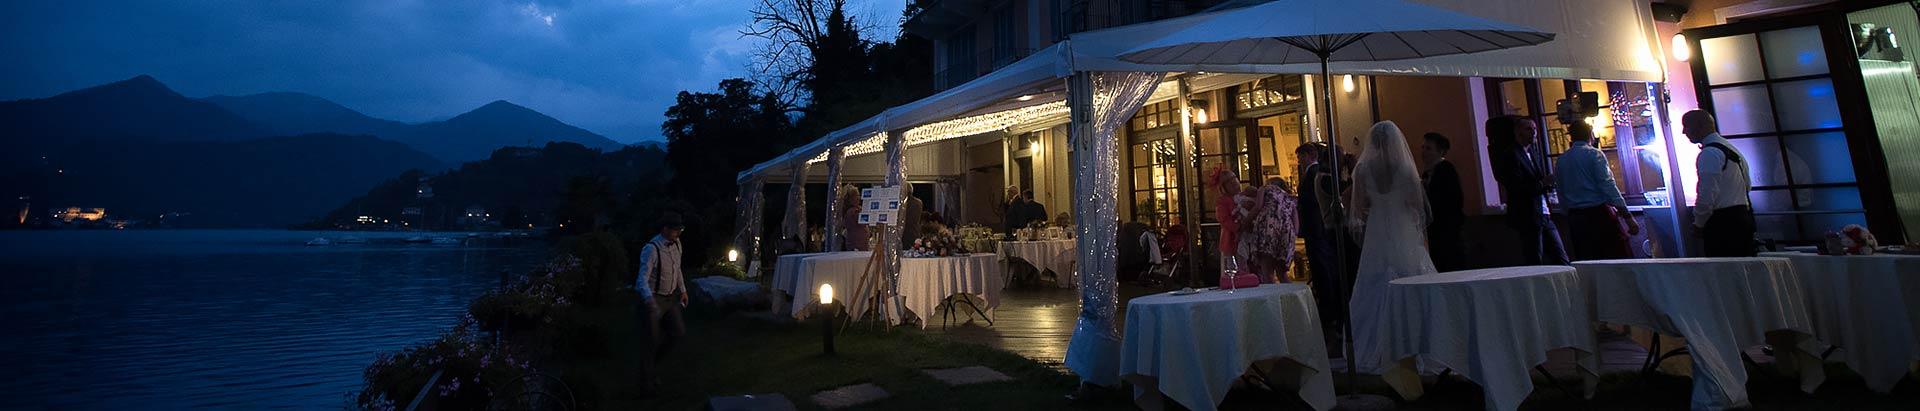 Matrimonio In Ristorante : Hotel e ristoranti per matrimonio al lago maggiore